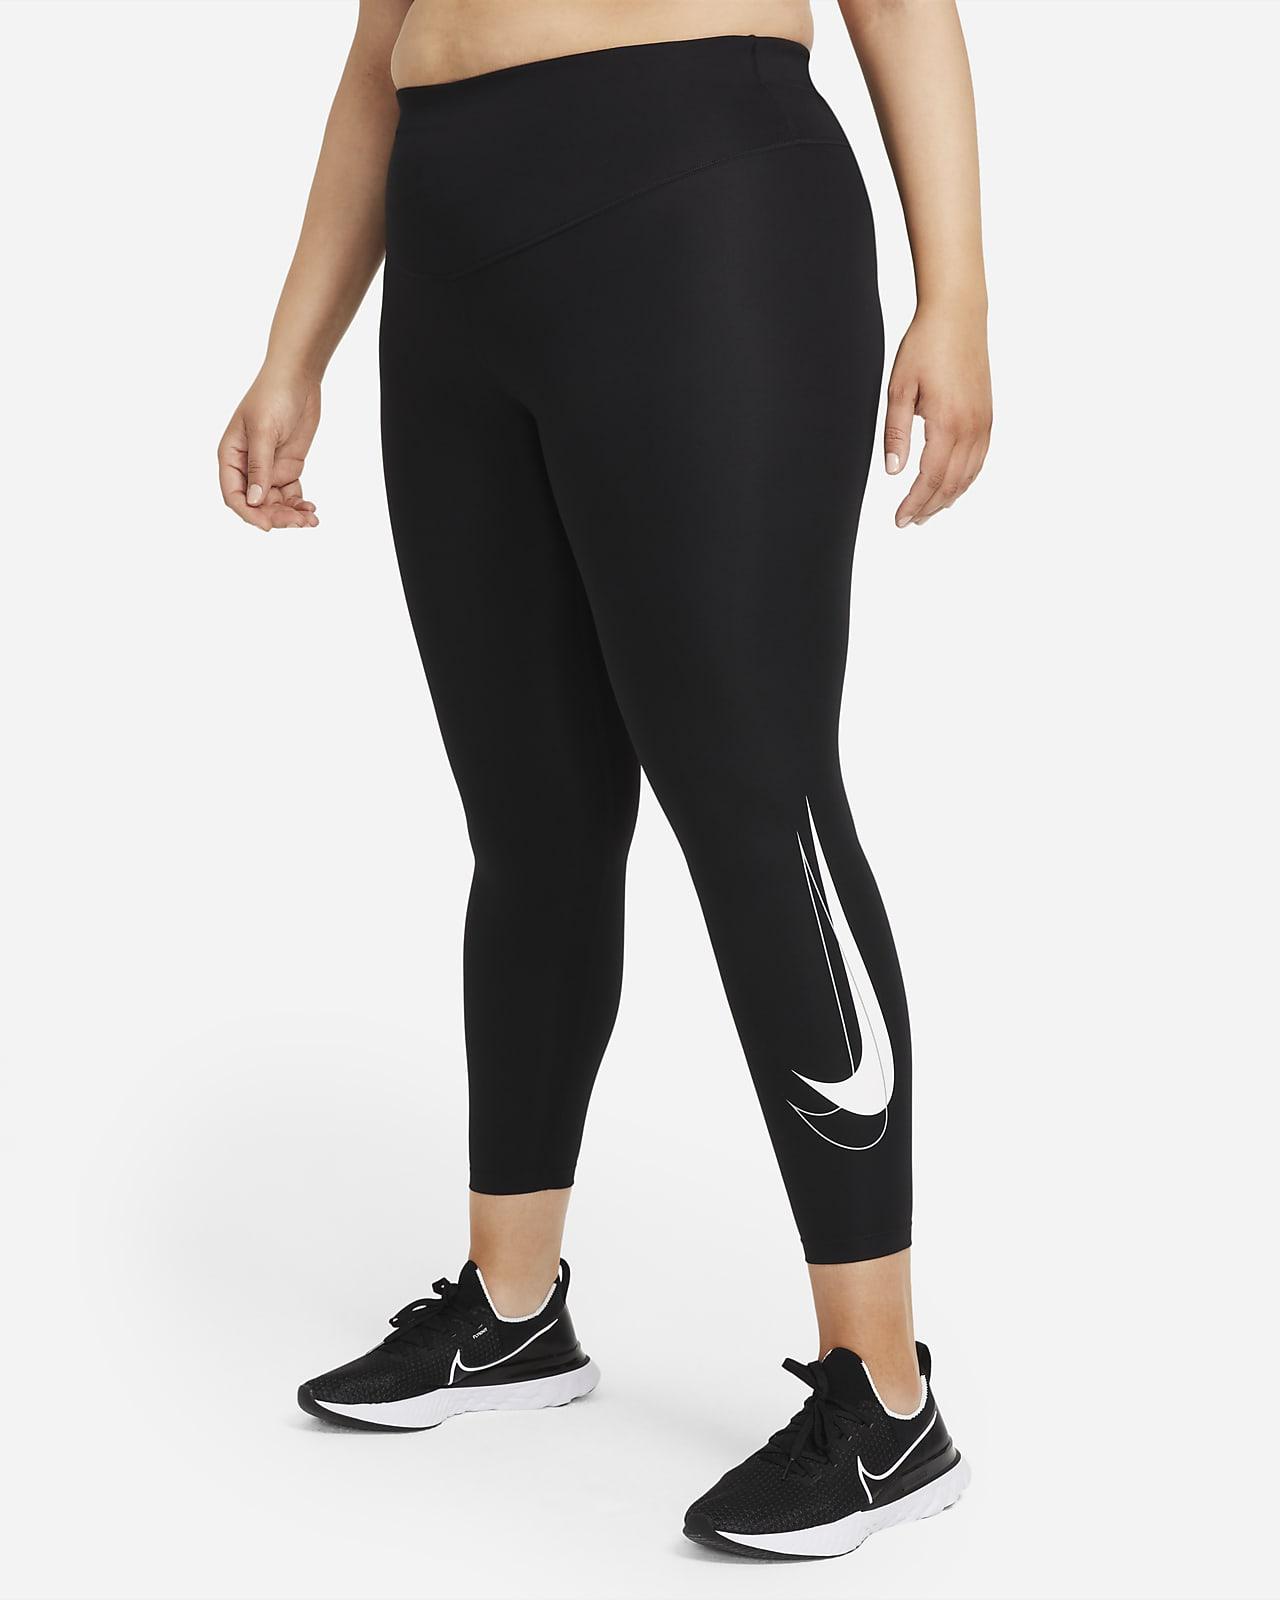 Nike Dri-FIT Swoosh Run 7/8-os, középmagas szabású női futóleggings (plus size méret)